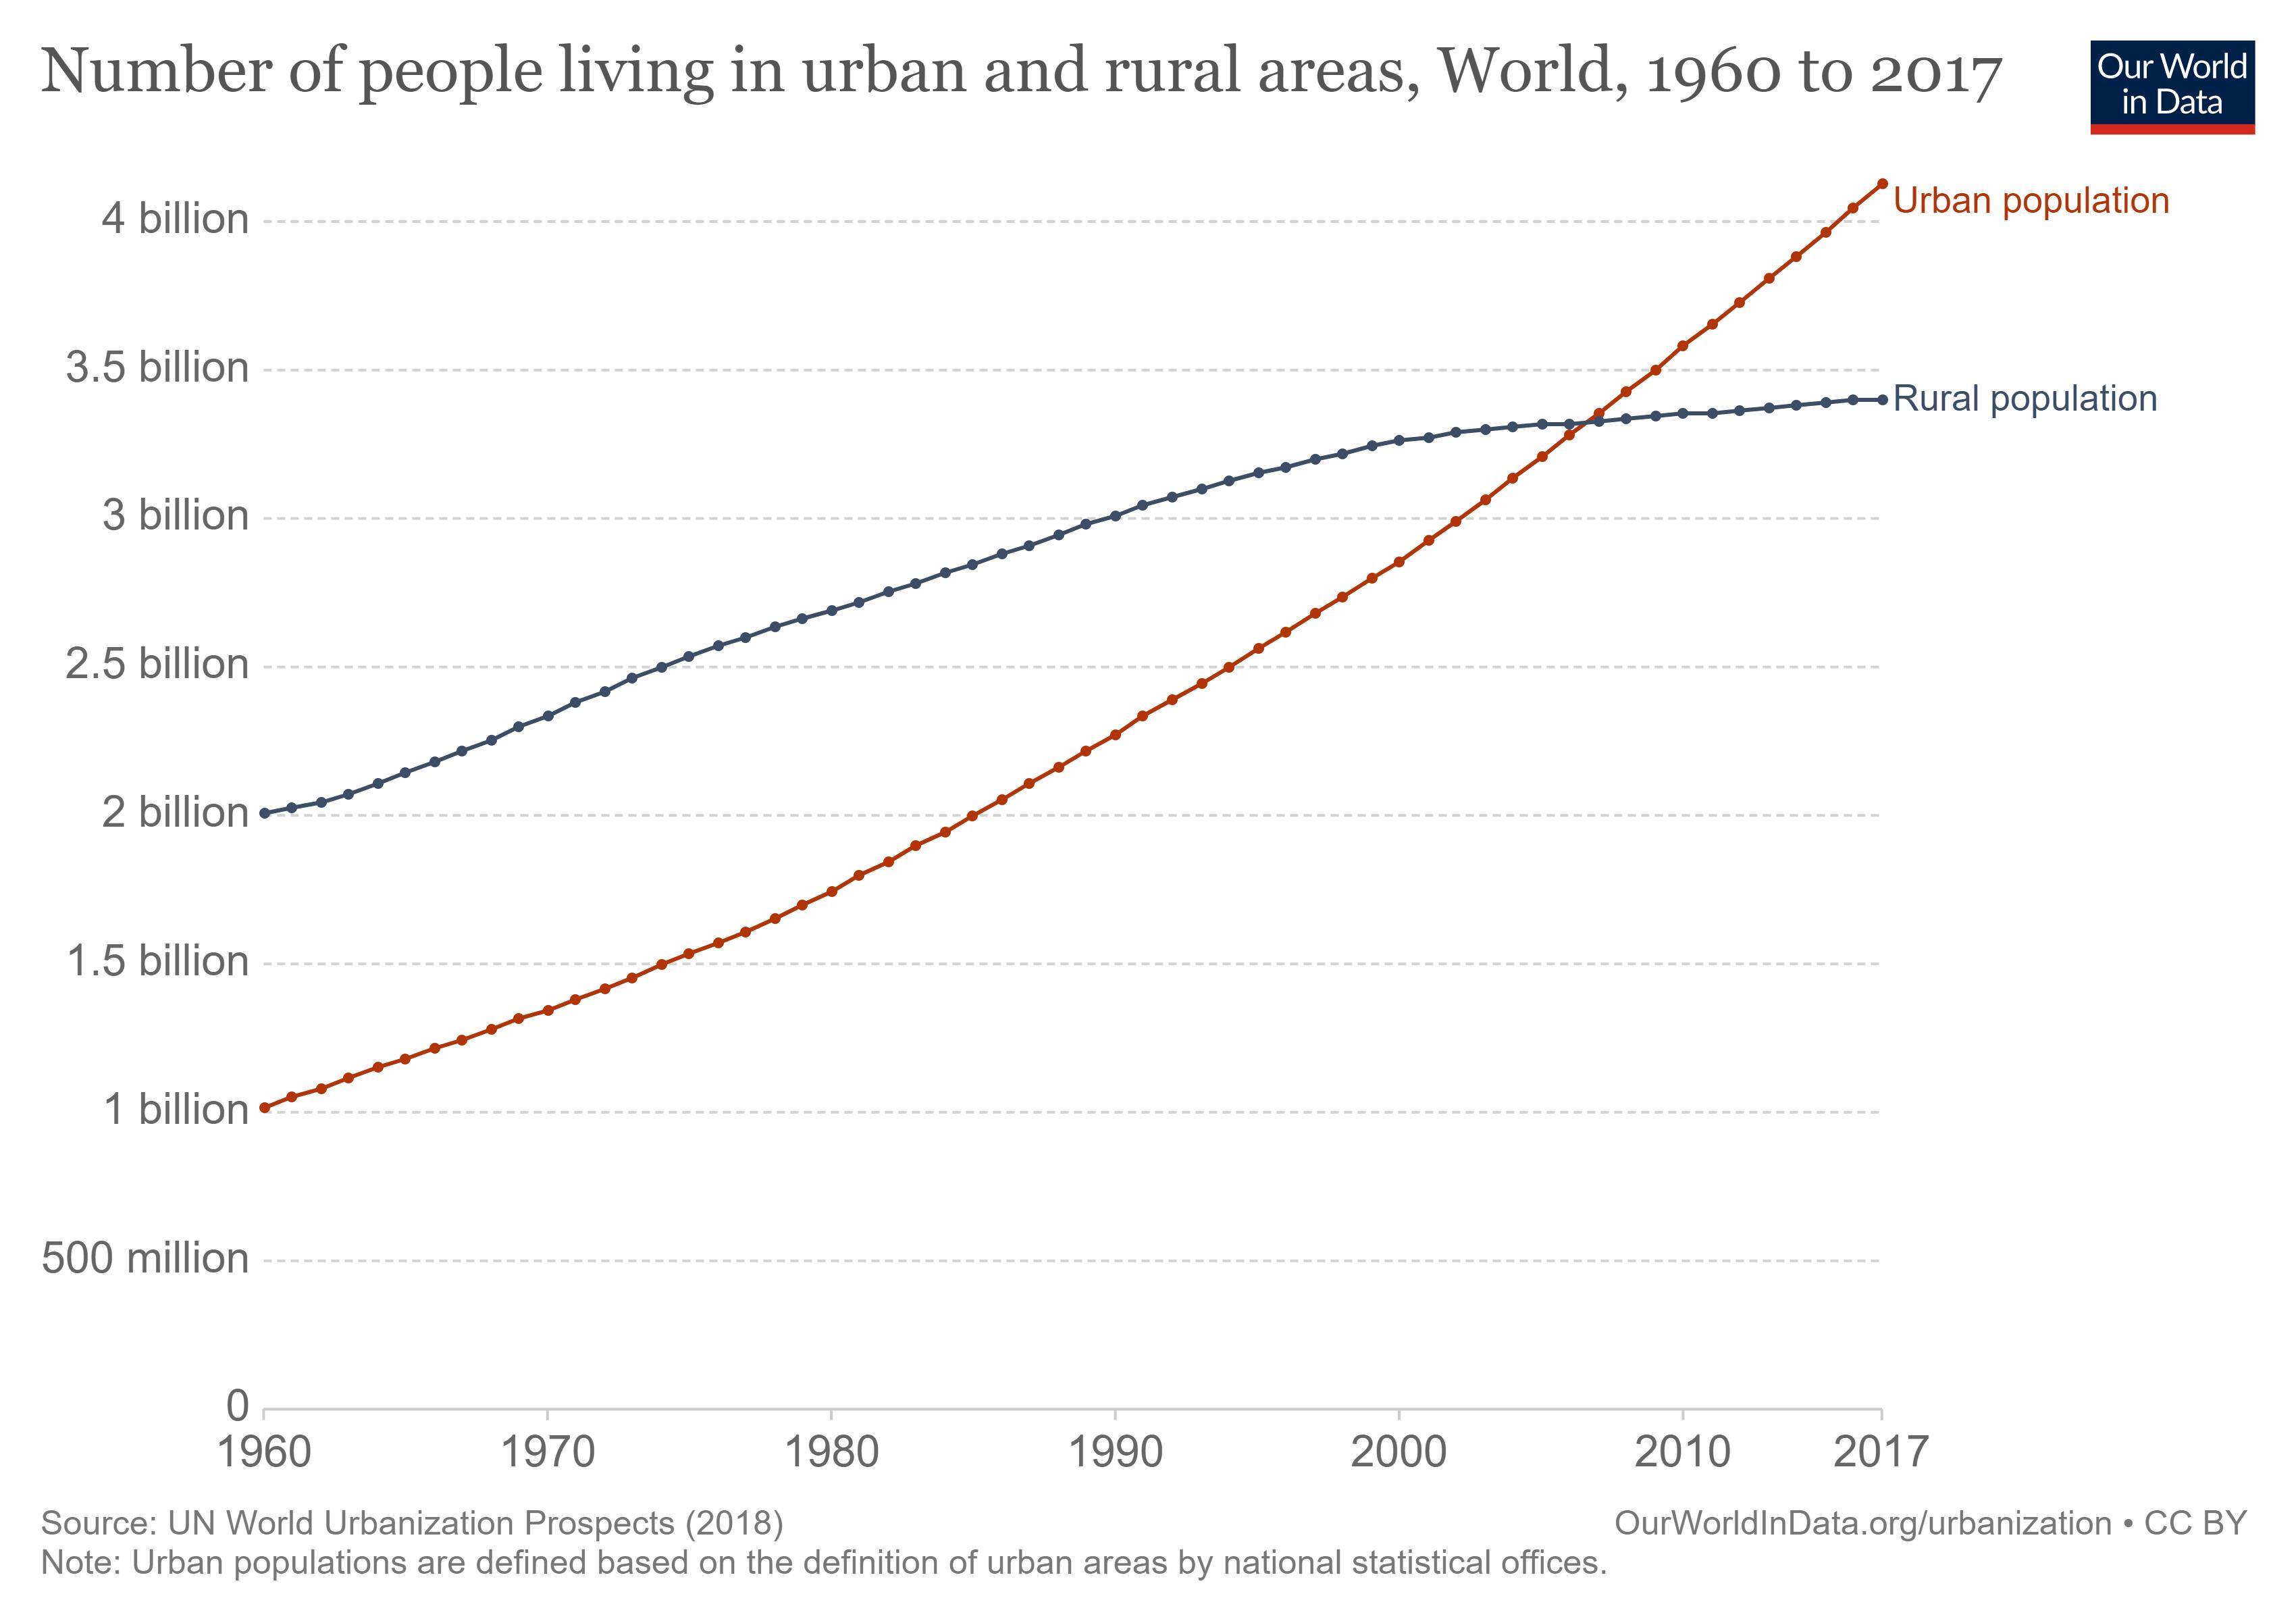 Cambios en la población rural y urbana